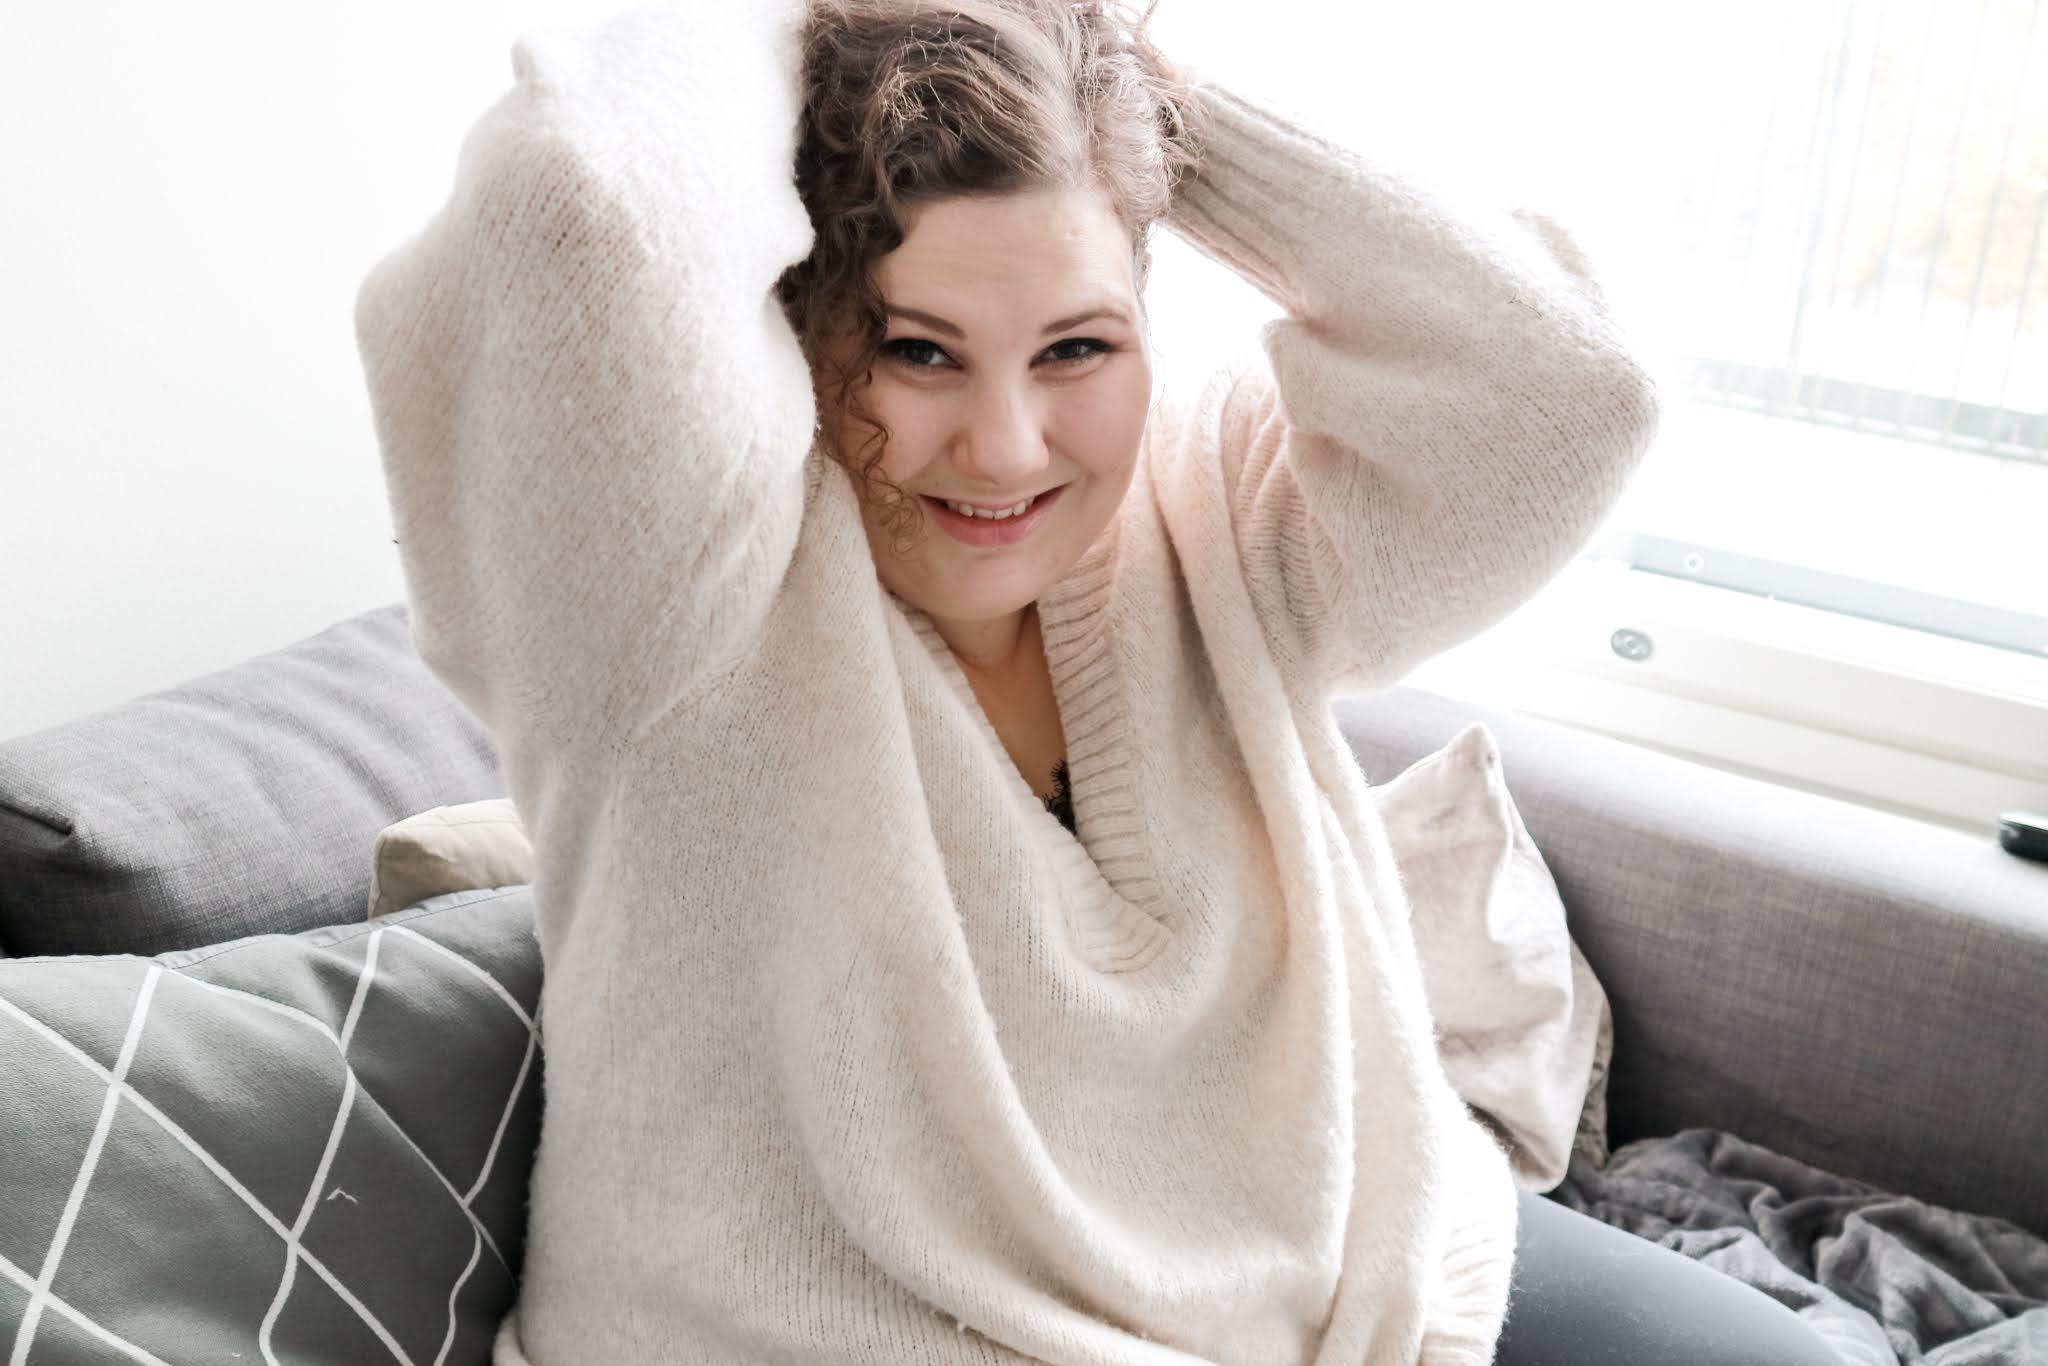 Big mamas home by Jenni S. Mitä kysyä treffikumppanilta?